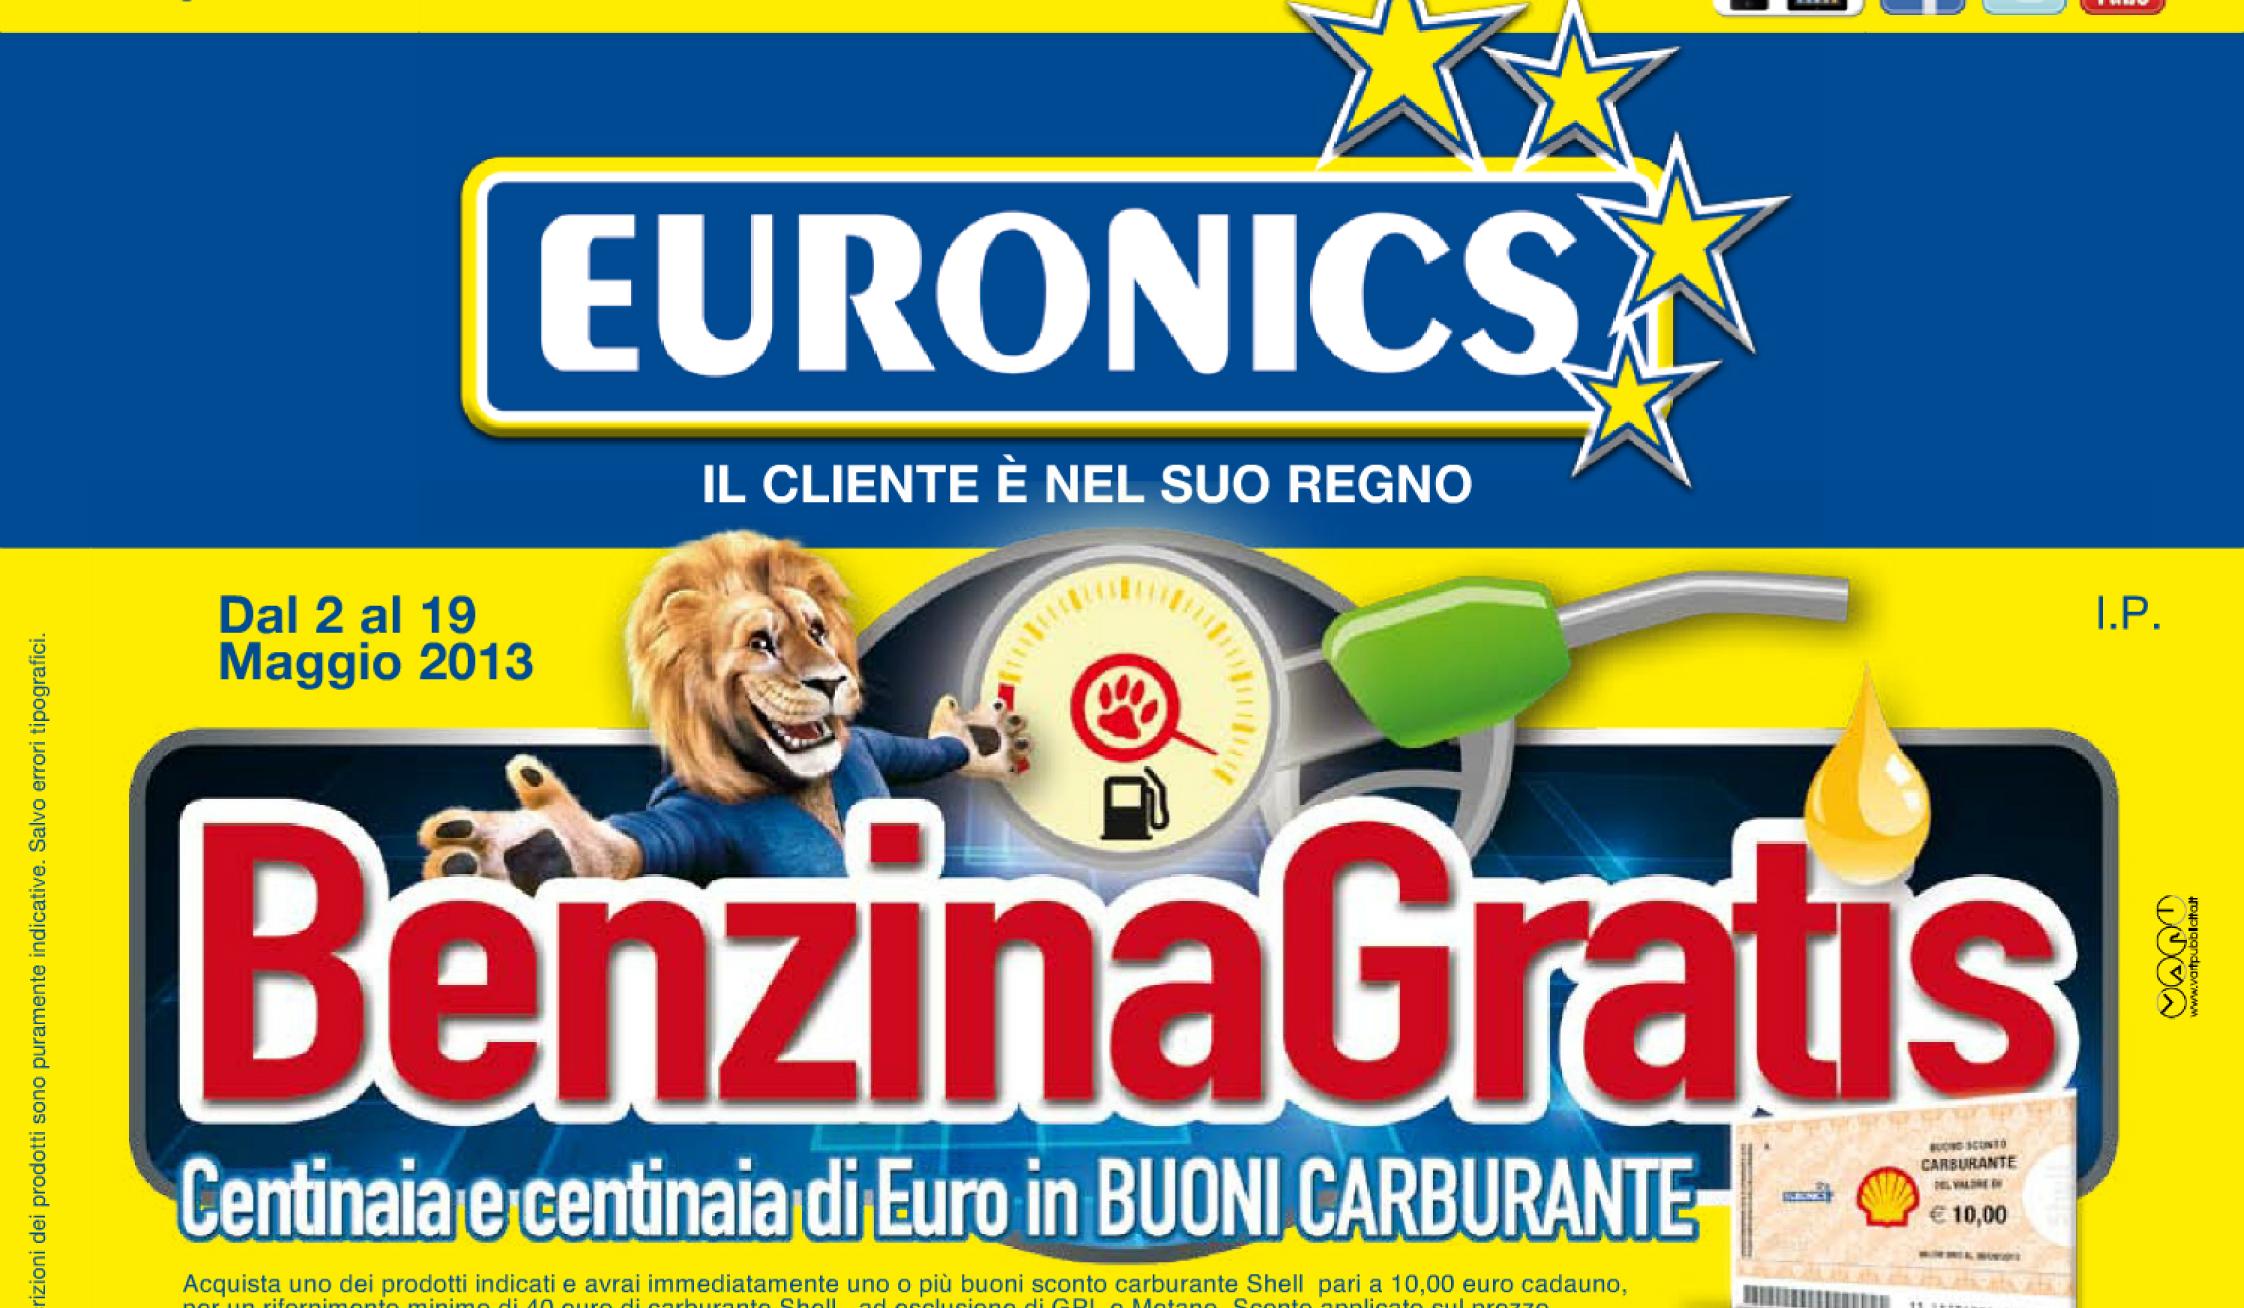 Acquisti Intelligenti| Con Euronics hai la benzina Gratis!